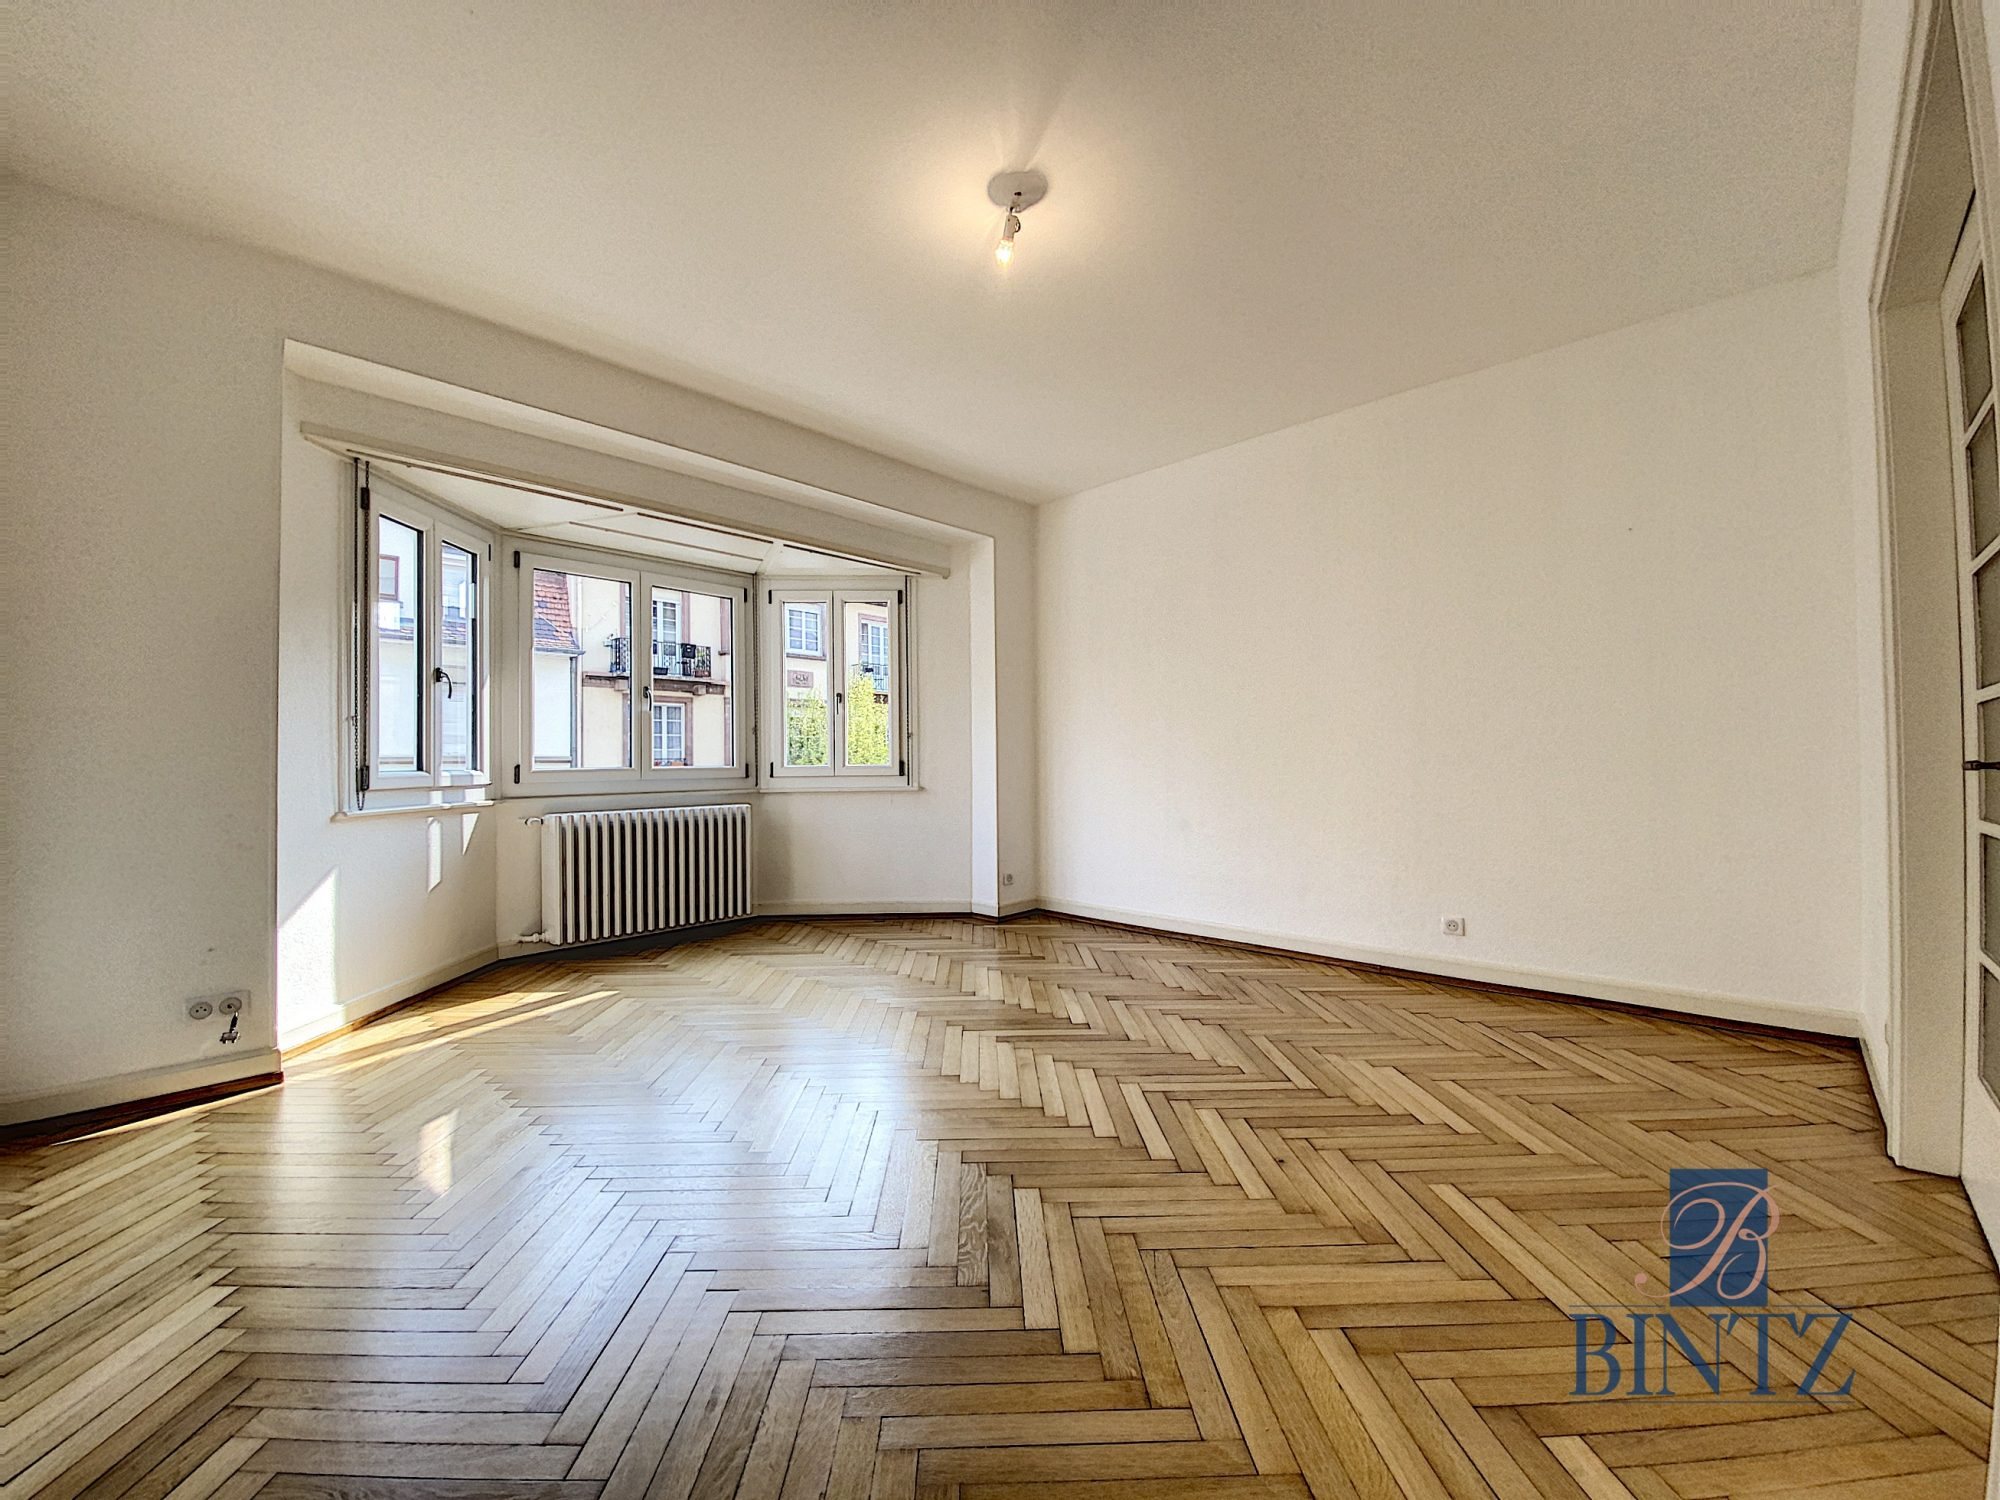 2 pièces orangerie avec balcon - Devenez locataire en toute sérénité - Bintz Immobilier - 1